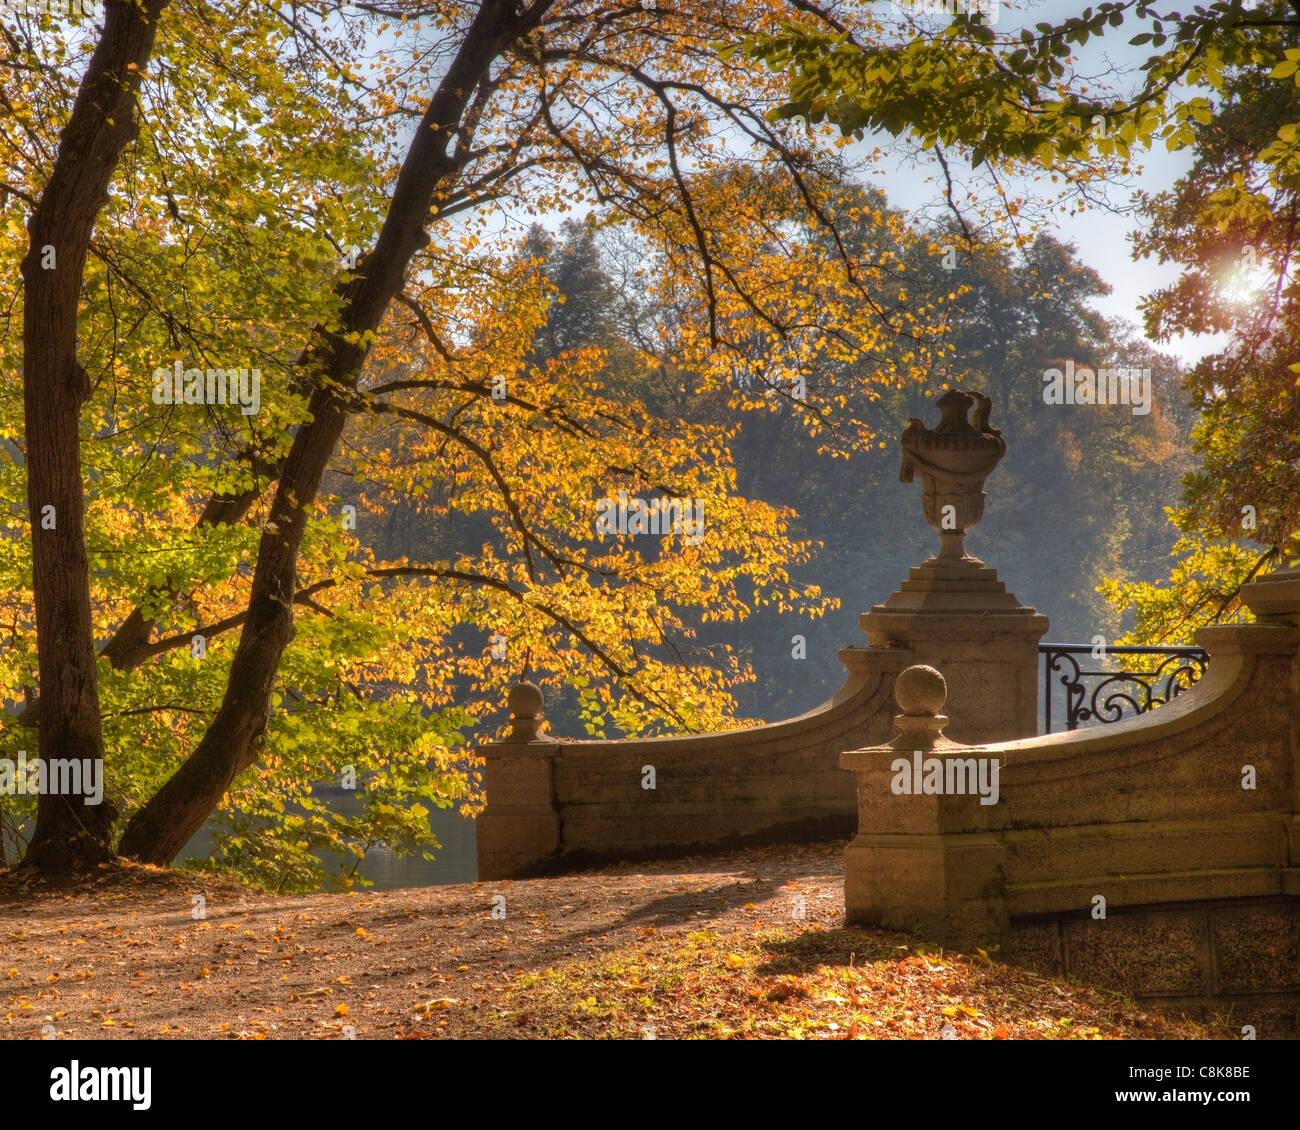 DE - Bayern: Herbst im Schlosspark Nymphenburg, München Stockbild